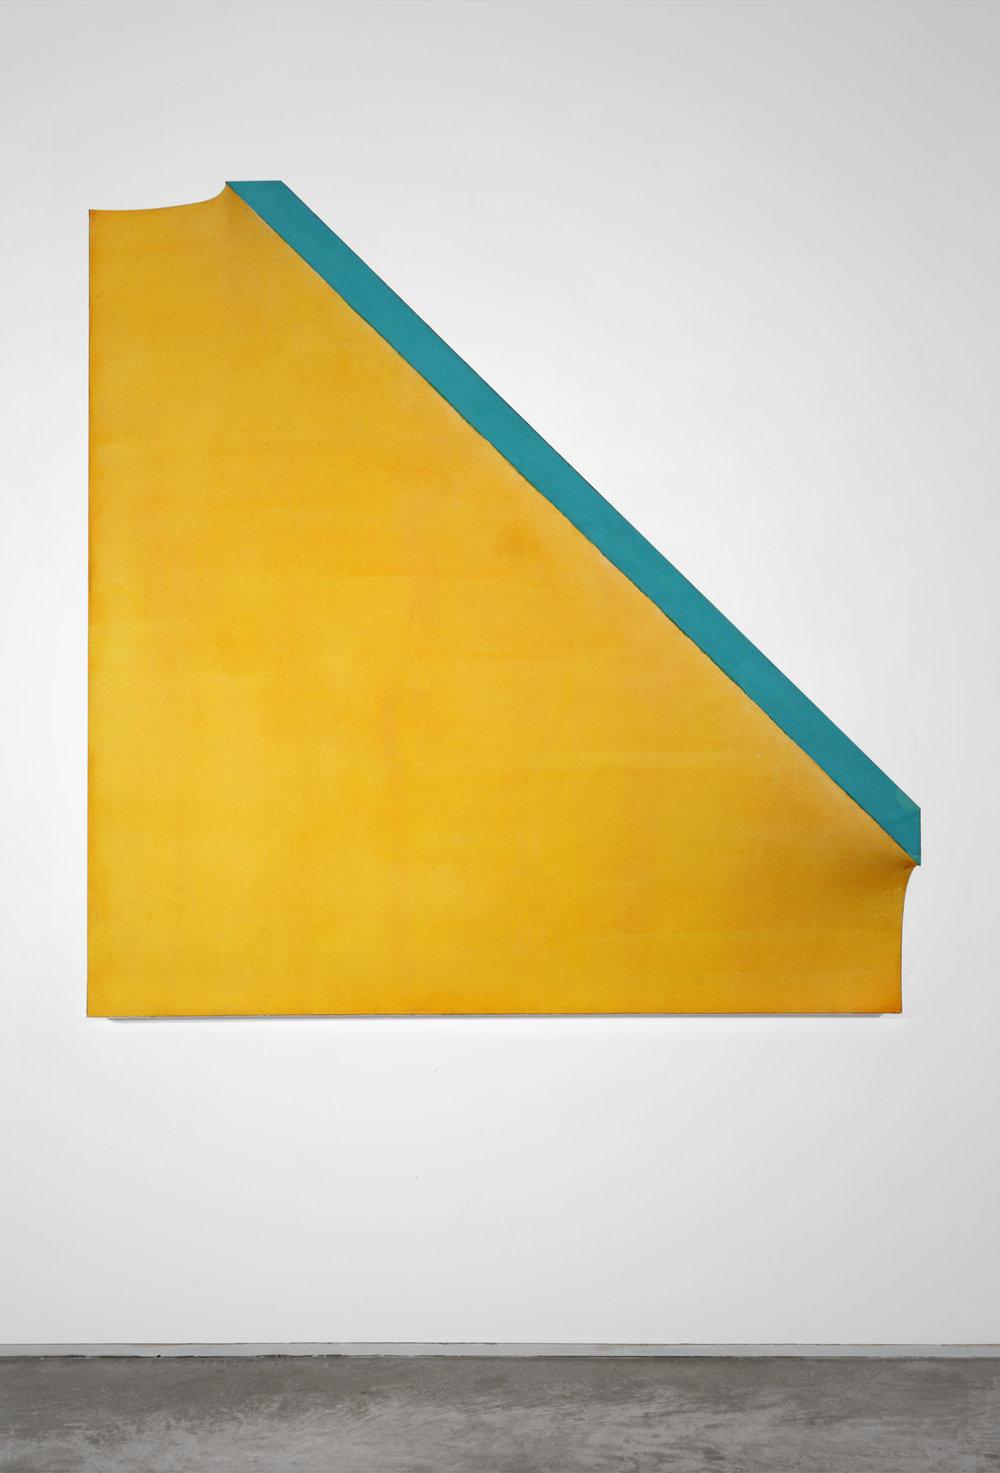 Richard Smith (1931–2016)   A Whole Year a half a day XI , 1966 acrylic on canvas  48 x 48 x 12 in. (121.9 x 121.9 x 30.5 cm) LSFA# 14071